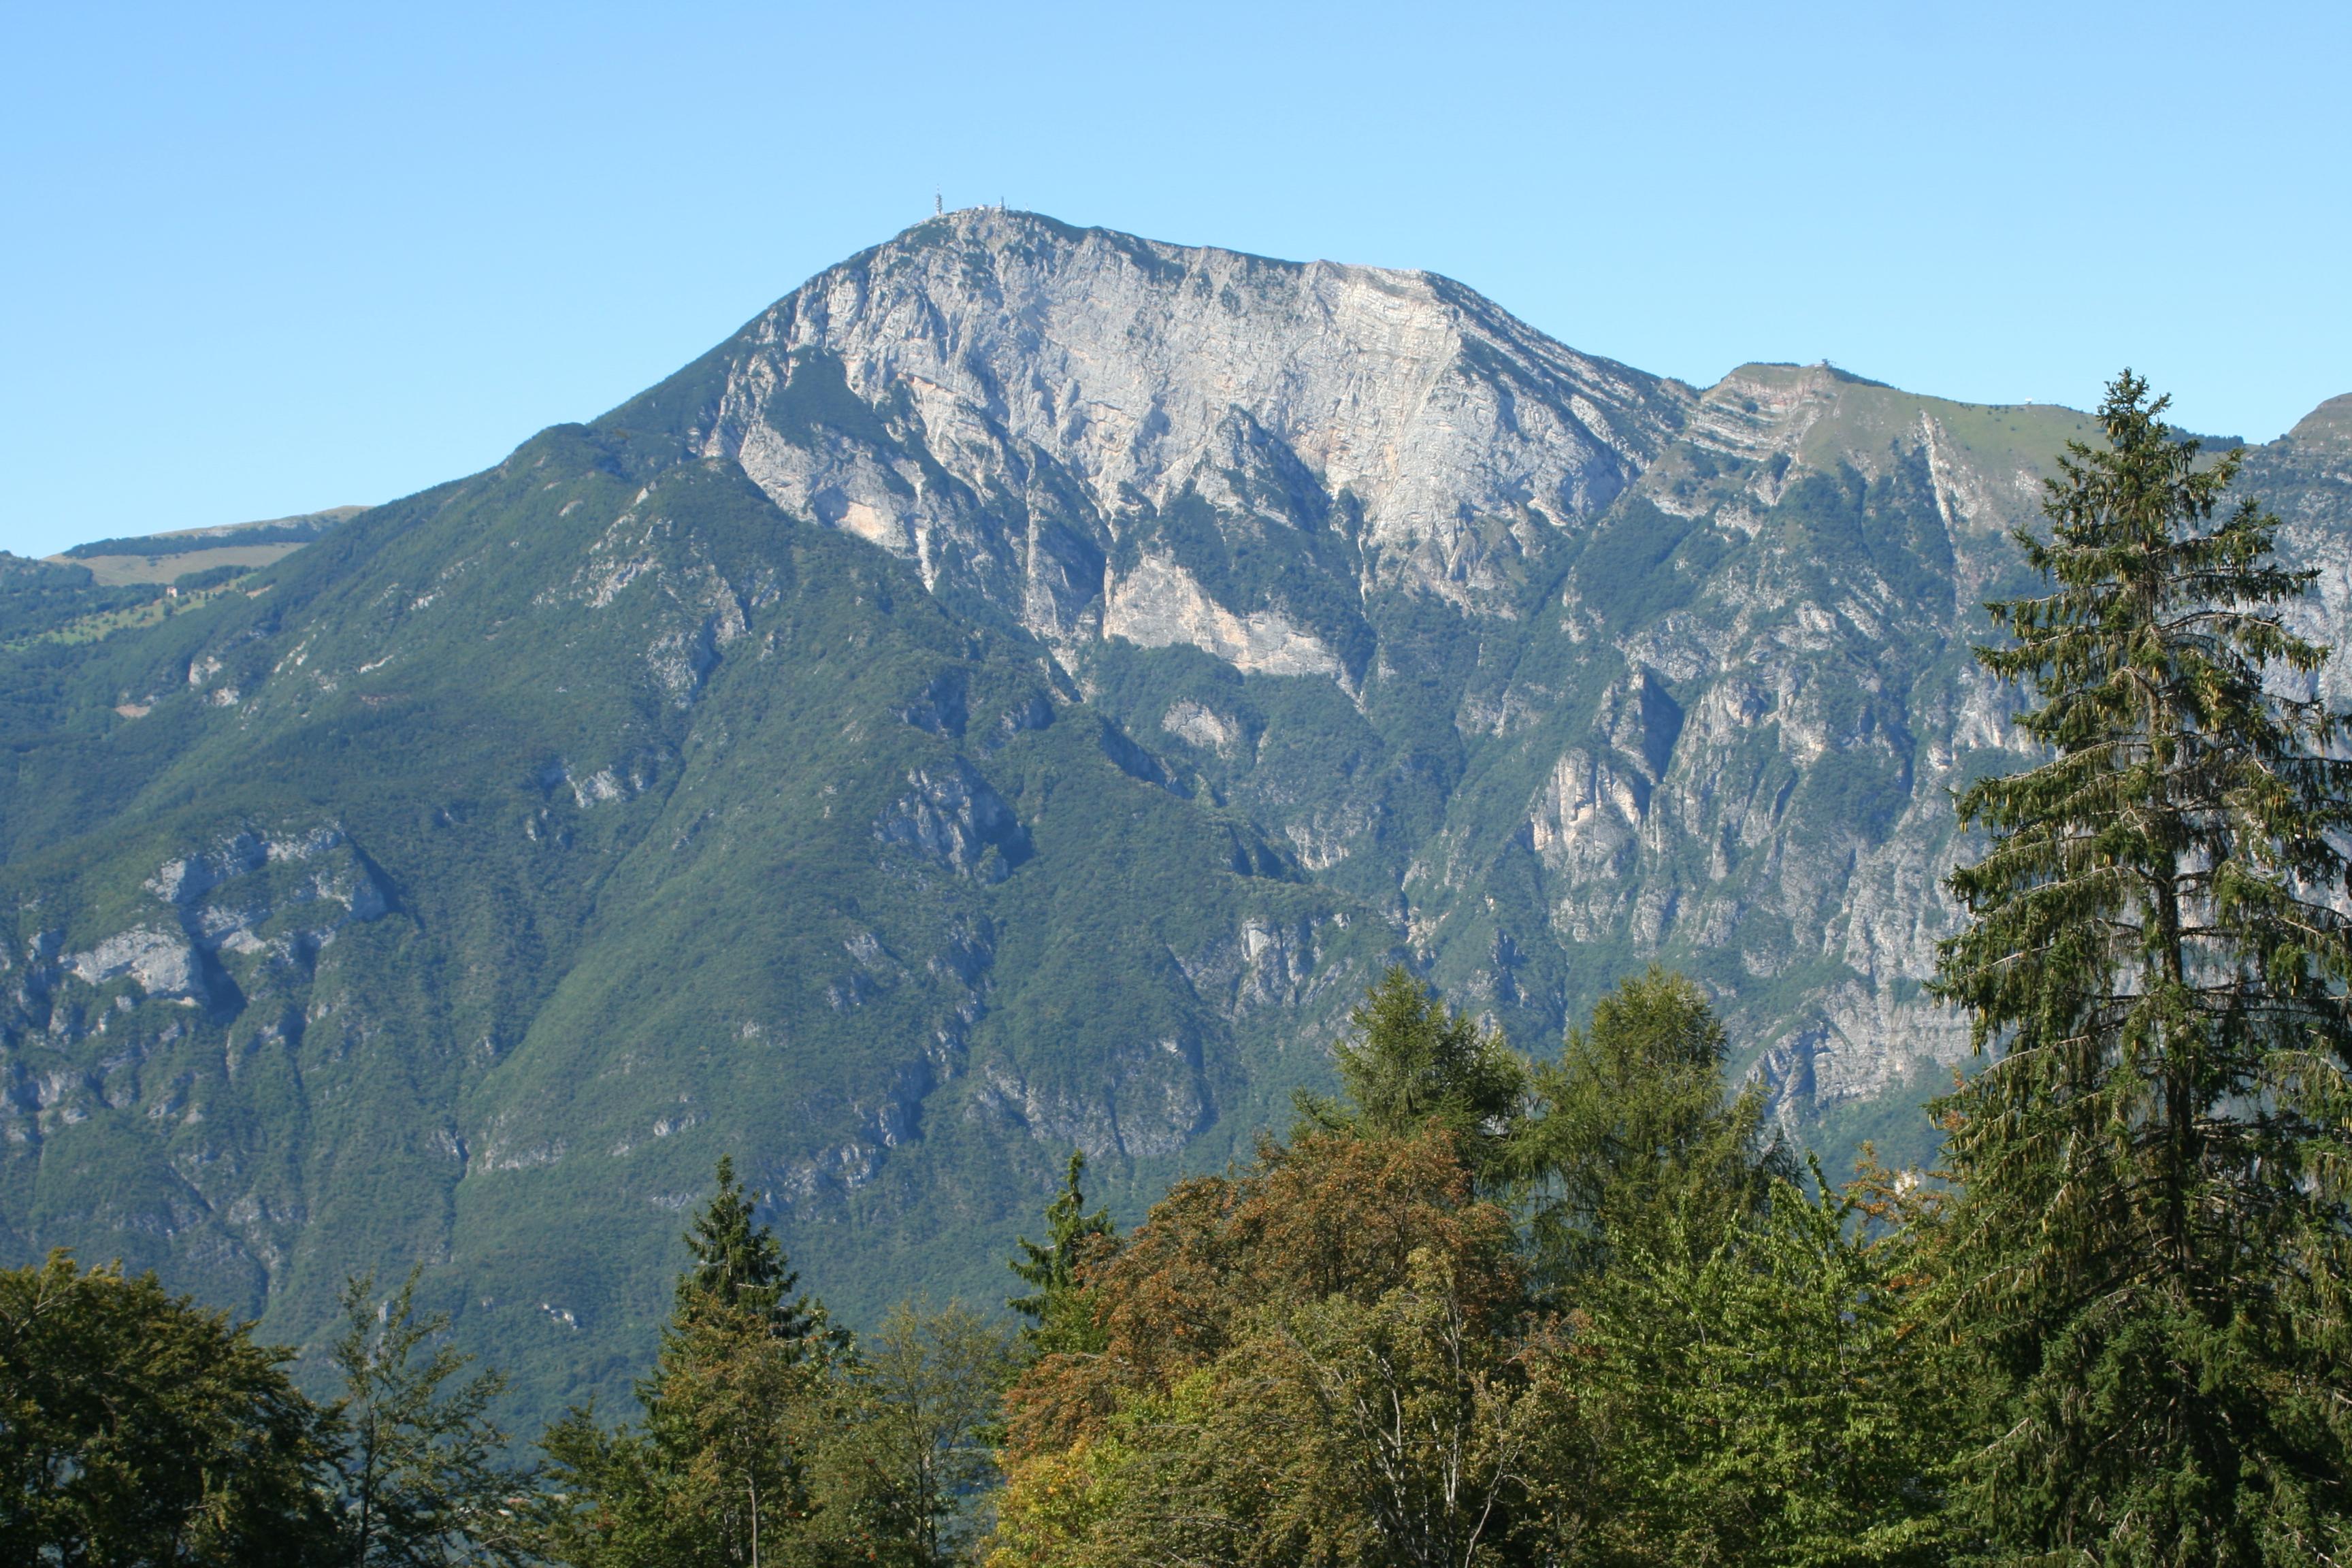 Monte bondone le montagne del trentino for Monti del trentino